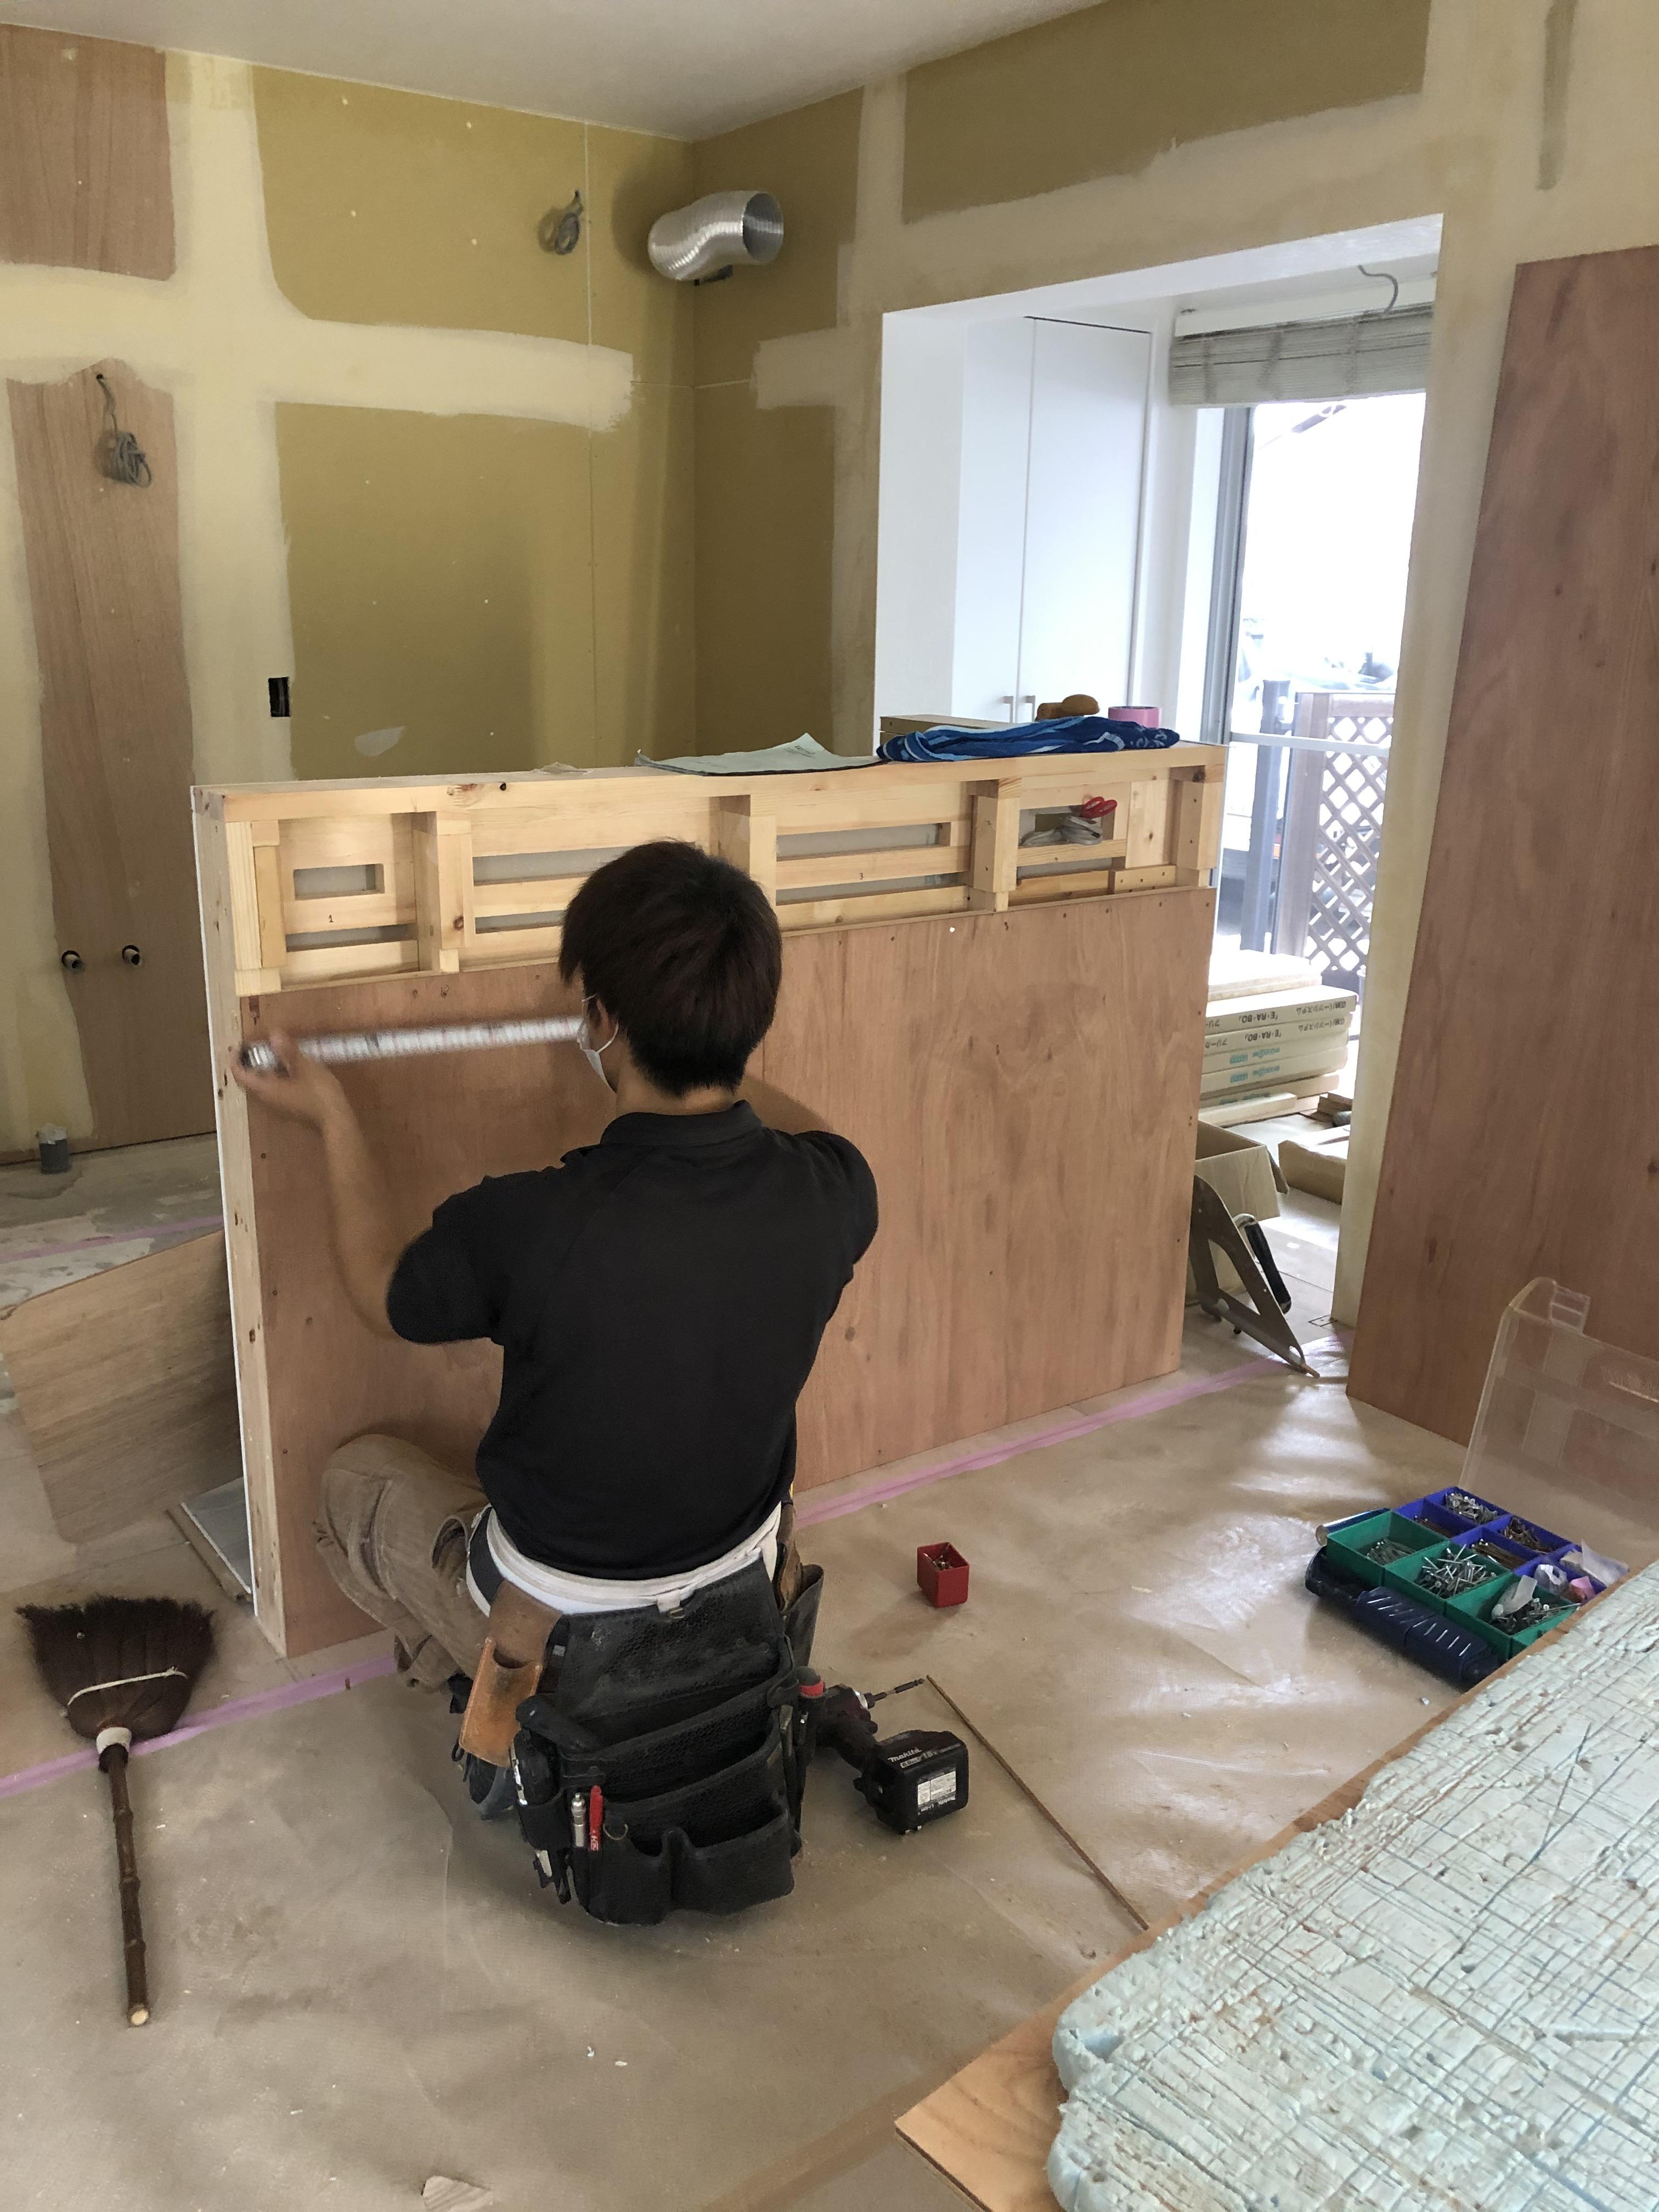 静岡市葵区上足洗 A様邸 ロッジ新築と既存住宅リノベーション工事②